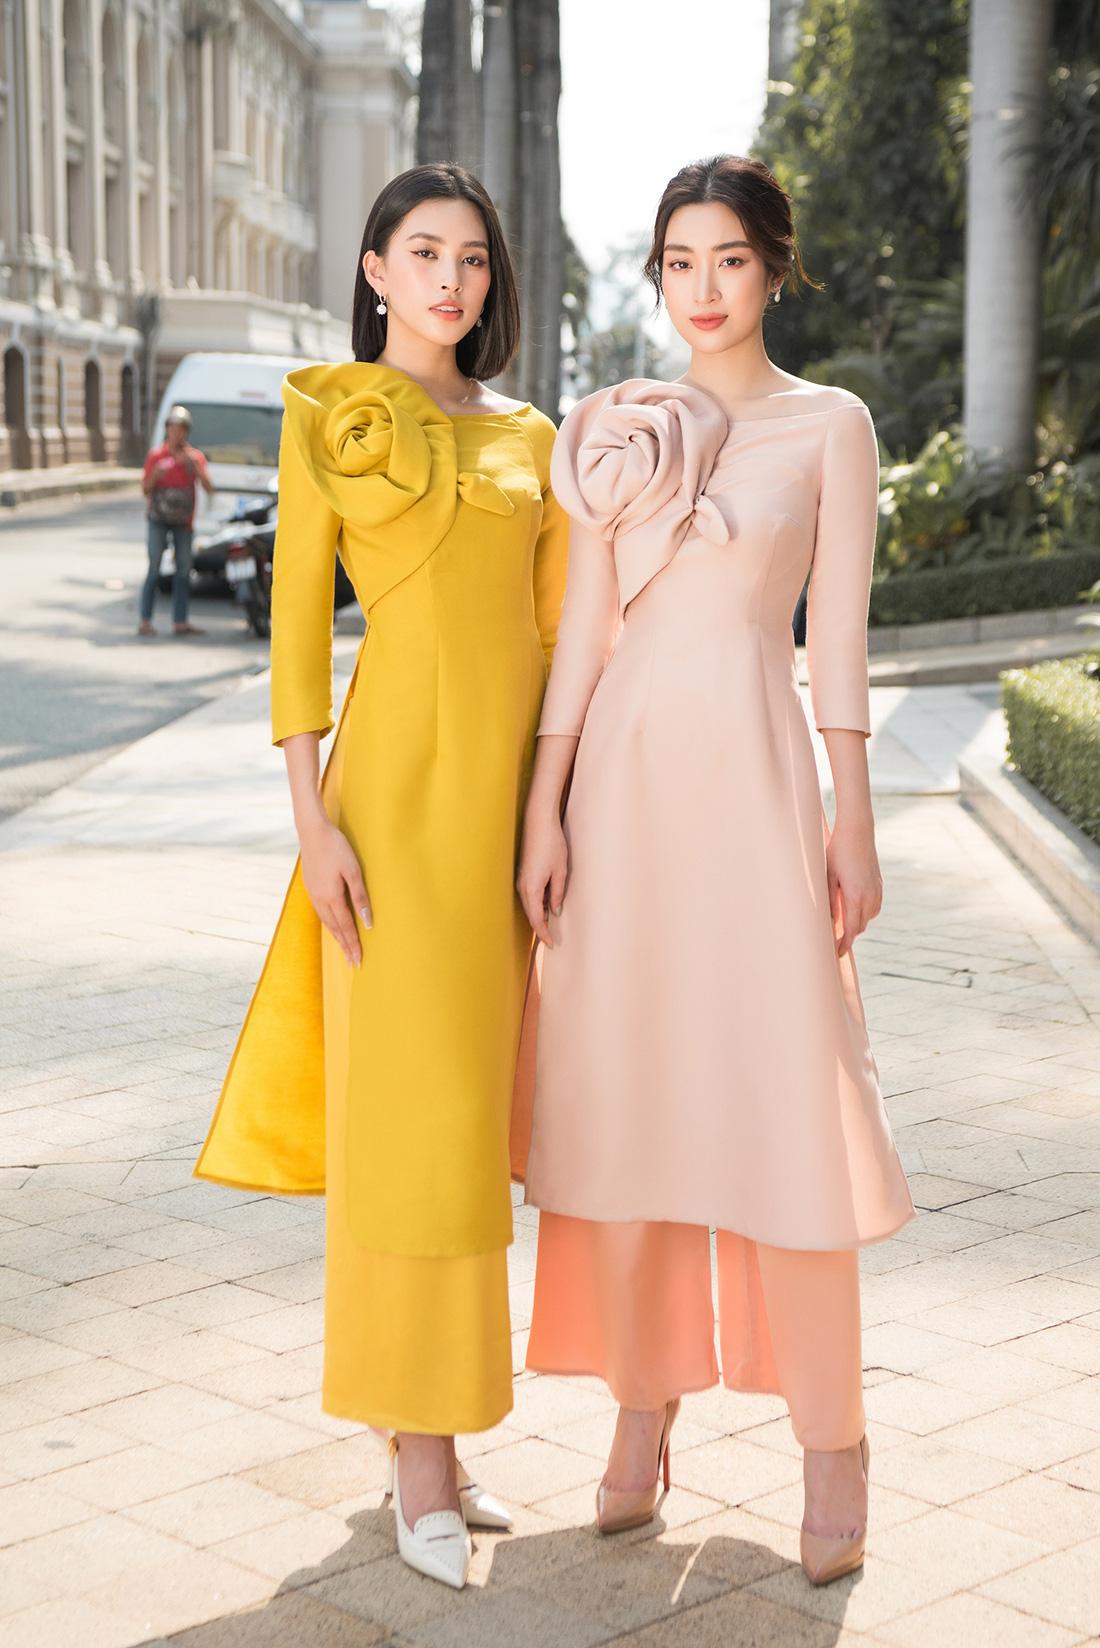 Đỗ Mỹ Linh, Trần Tiểu Vy gợi ý cách mặc áo dài Tết đẹp như hoa hậu - Ảnh 8.